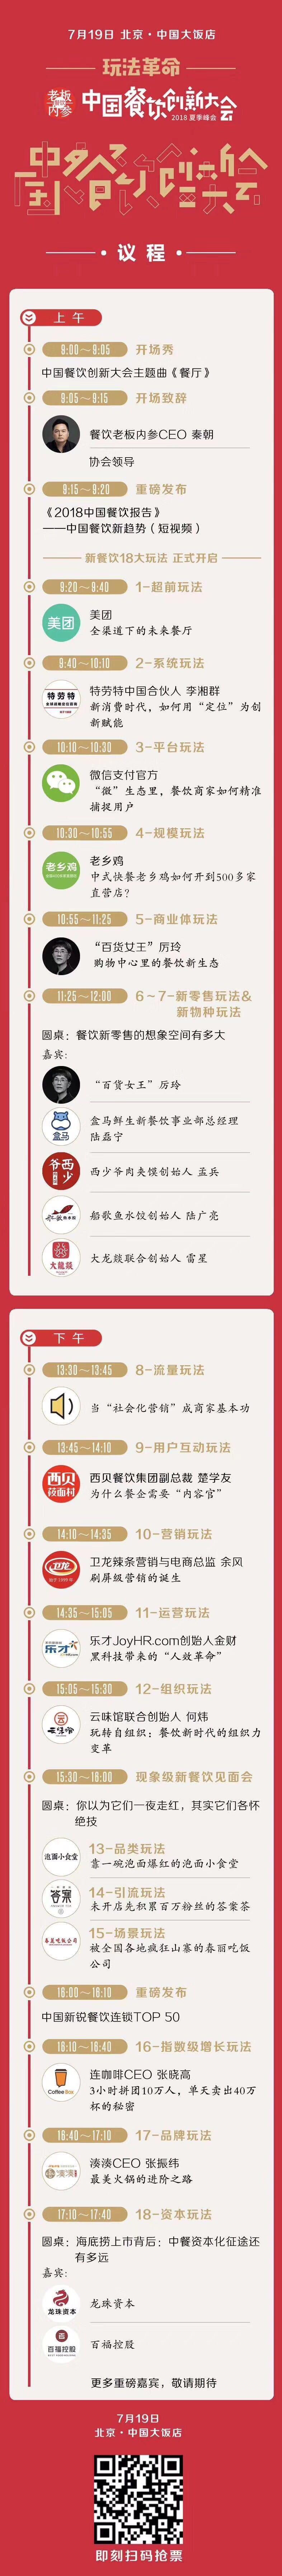 """中国餐饮创新大会:18大""""现象级""""玩法带你看清趋势"""